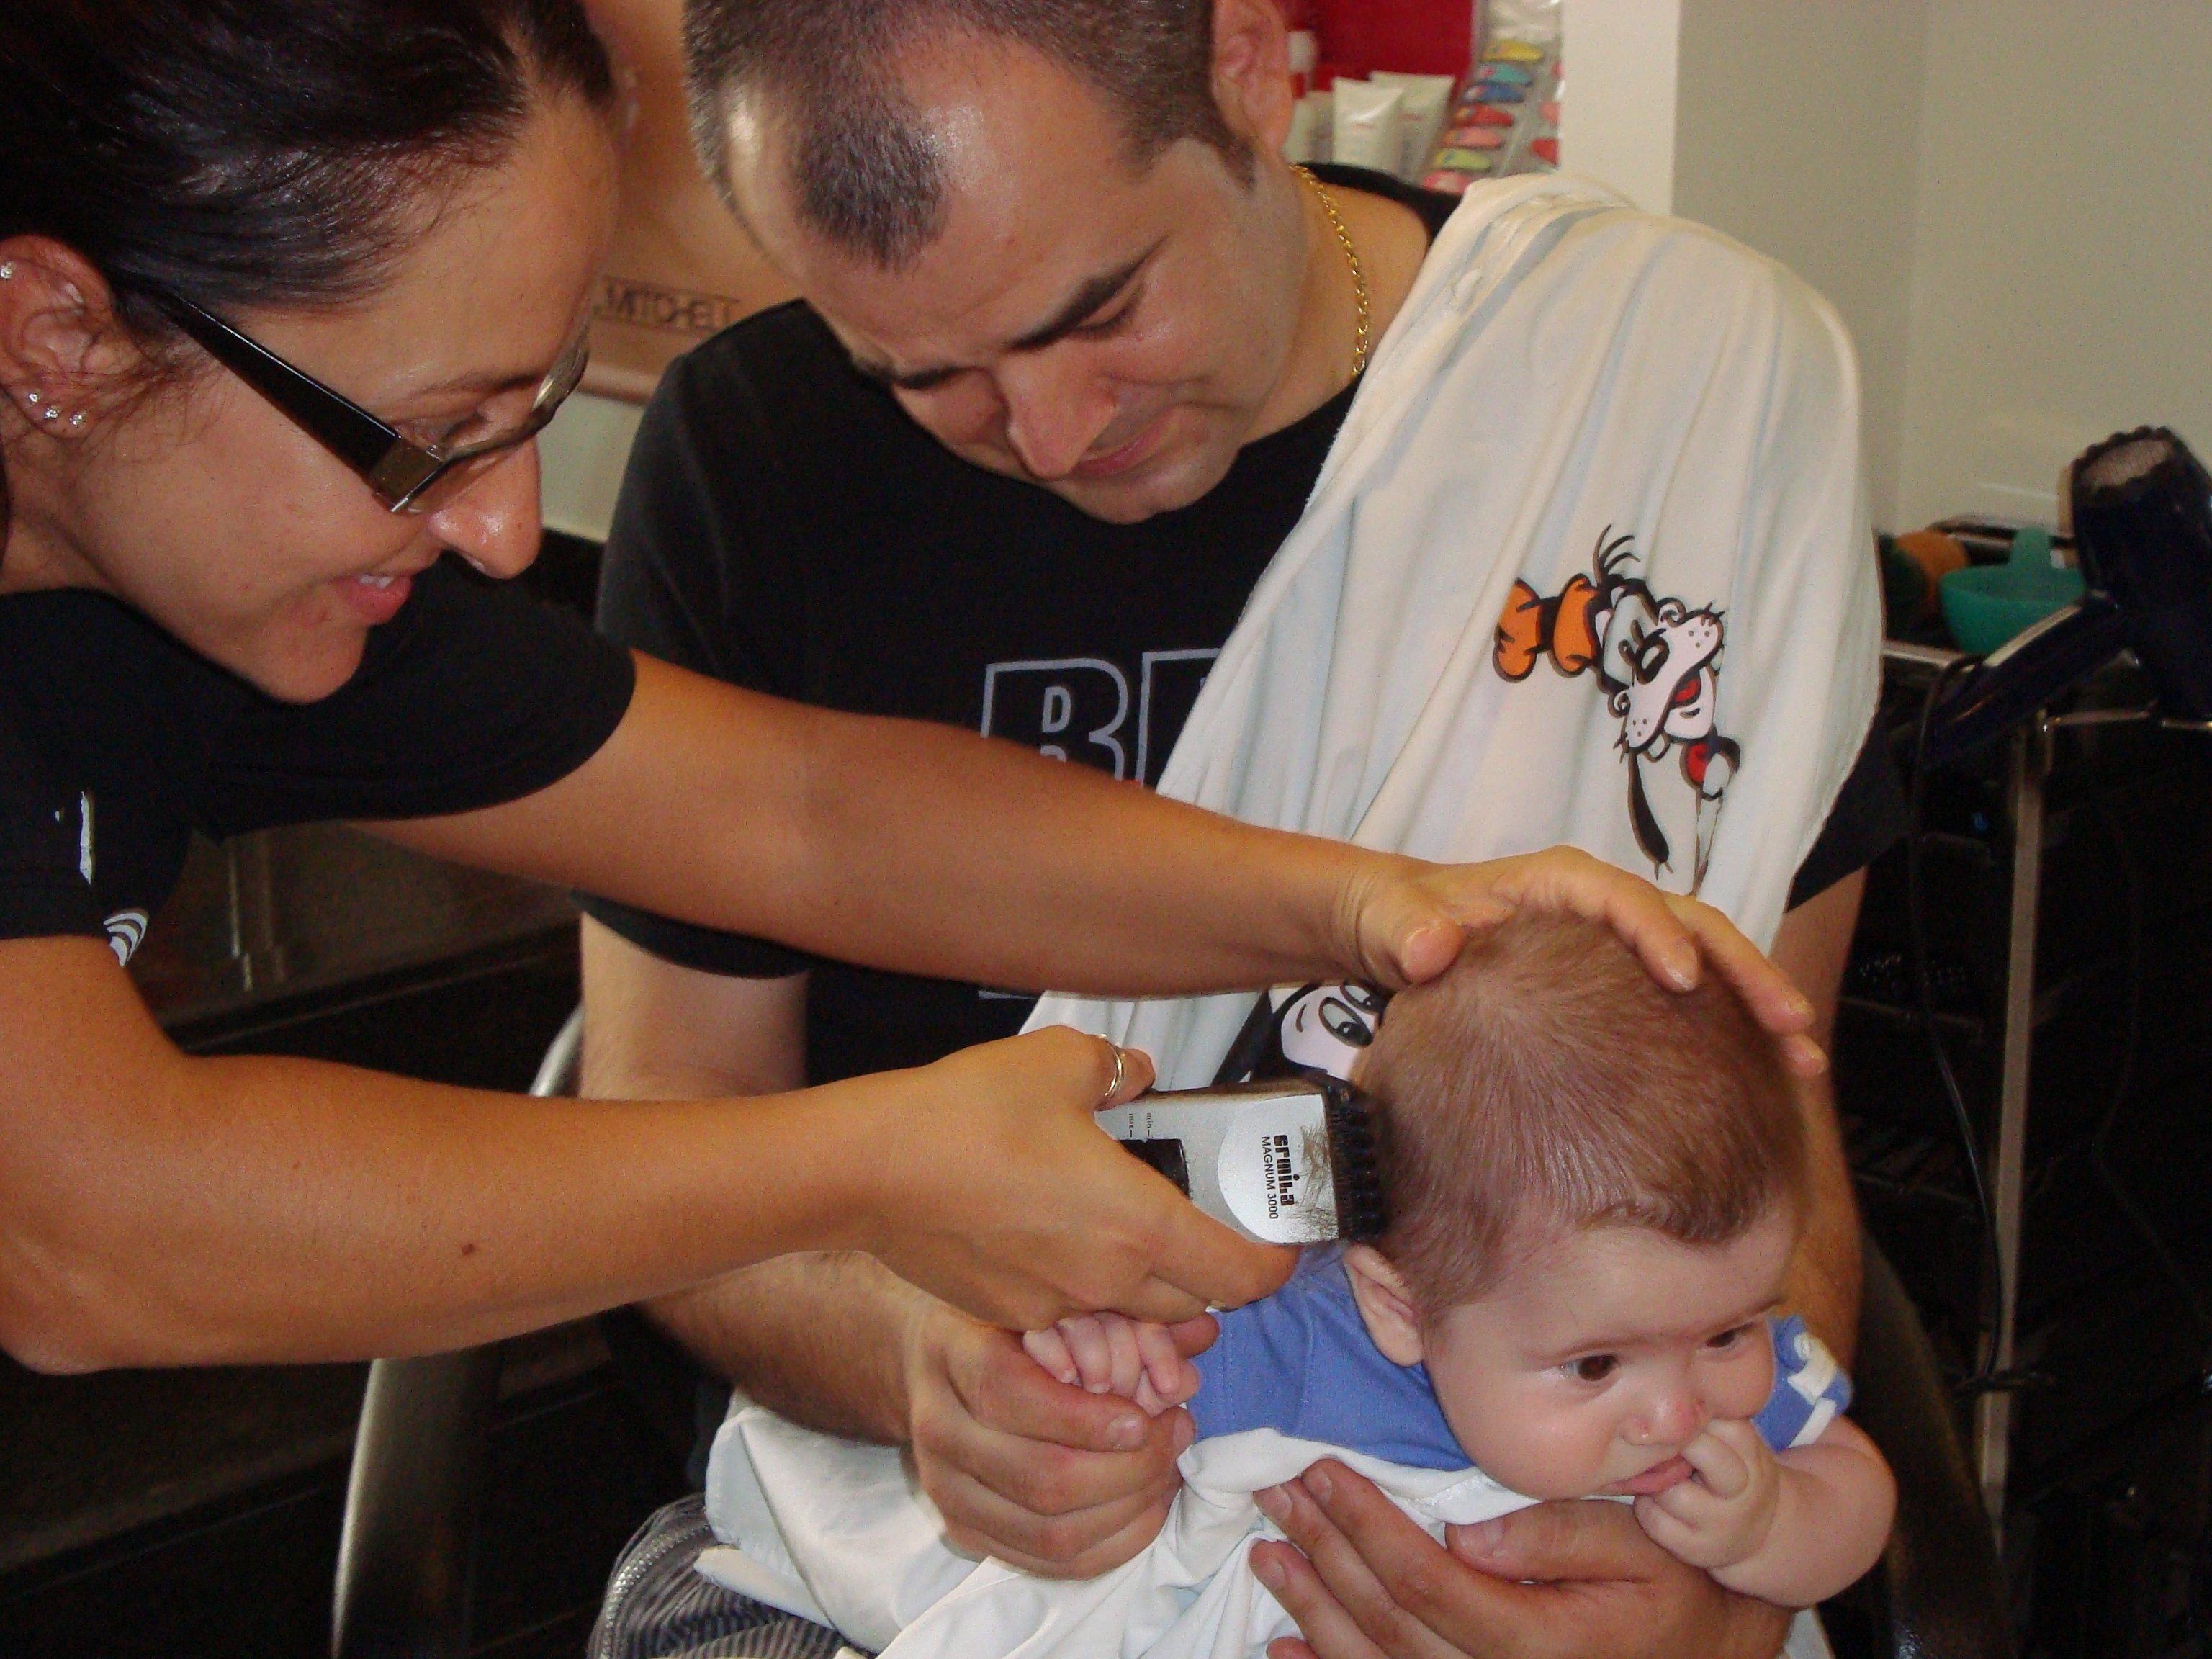 Giuliano a 6 mesi in braccio al babbo mentre la parrucchiera gli taglia i capelli